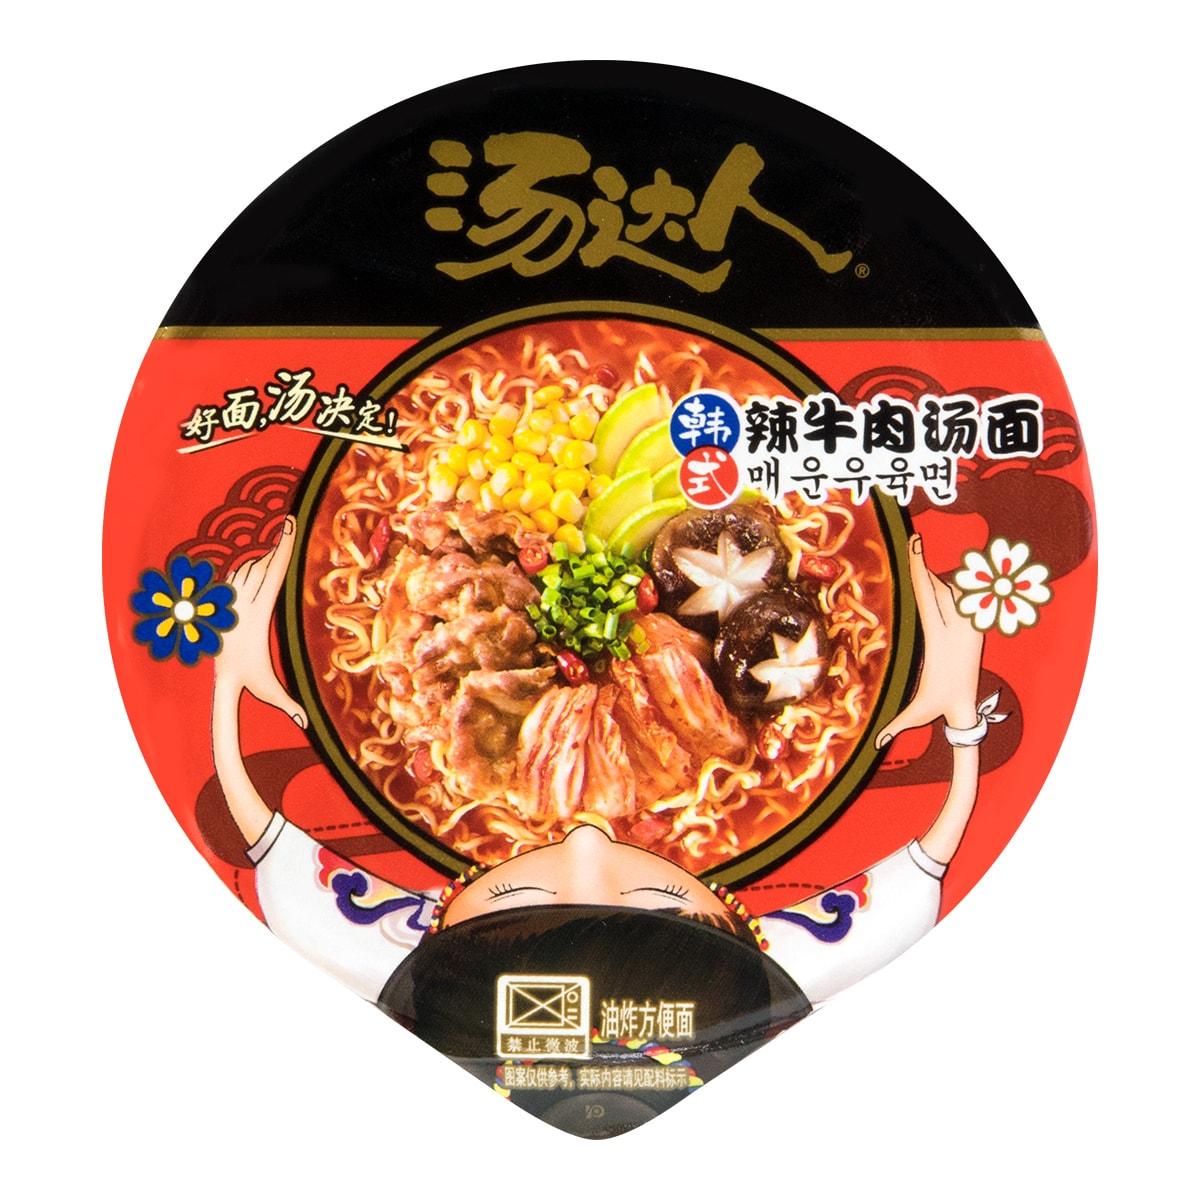 台湾统一 汤达人 韩式辣牛肉汤面 杯装 82g